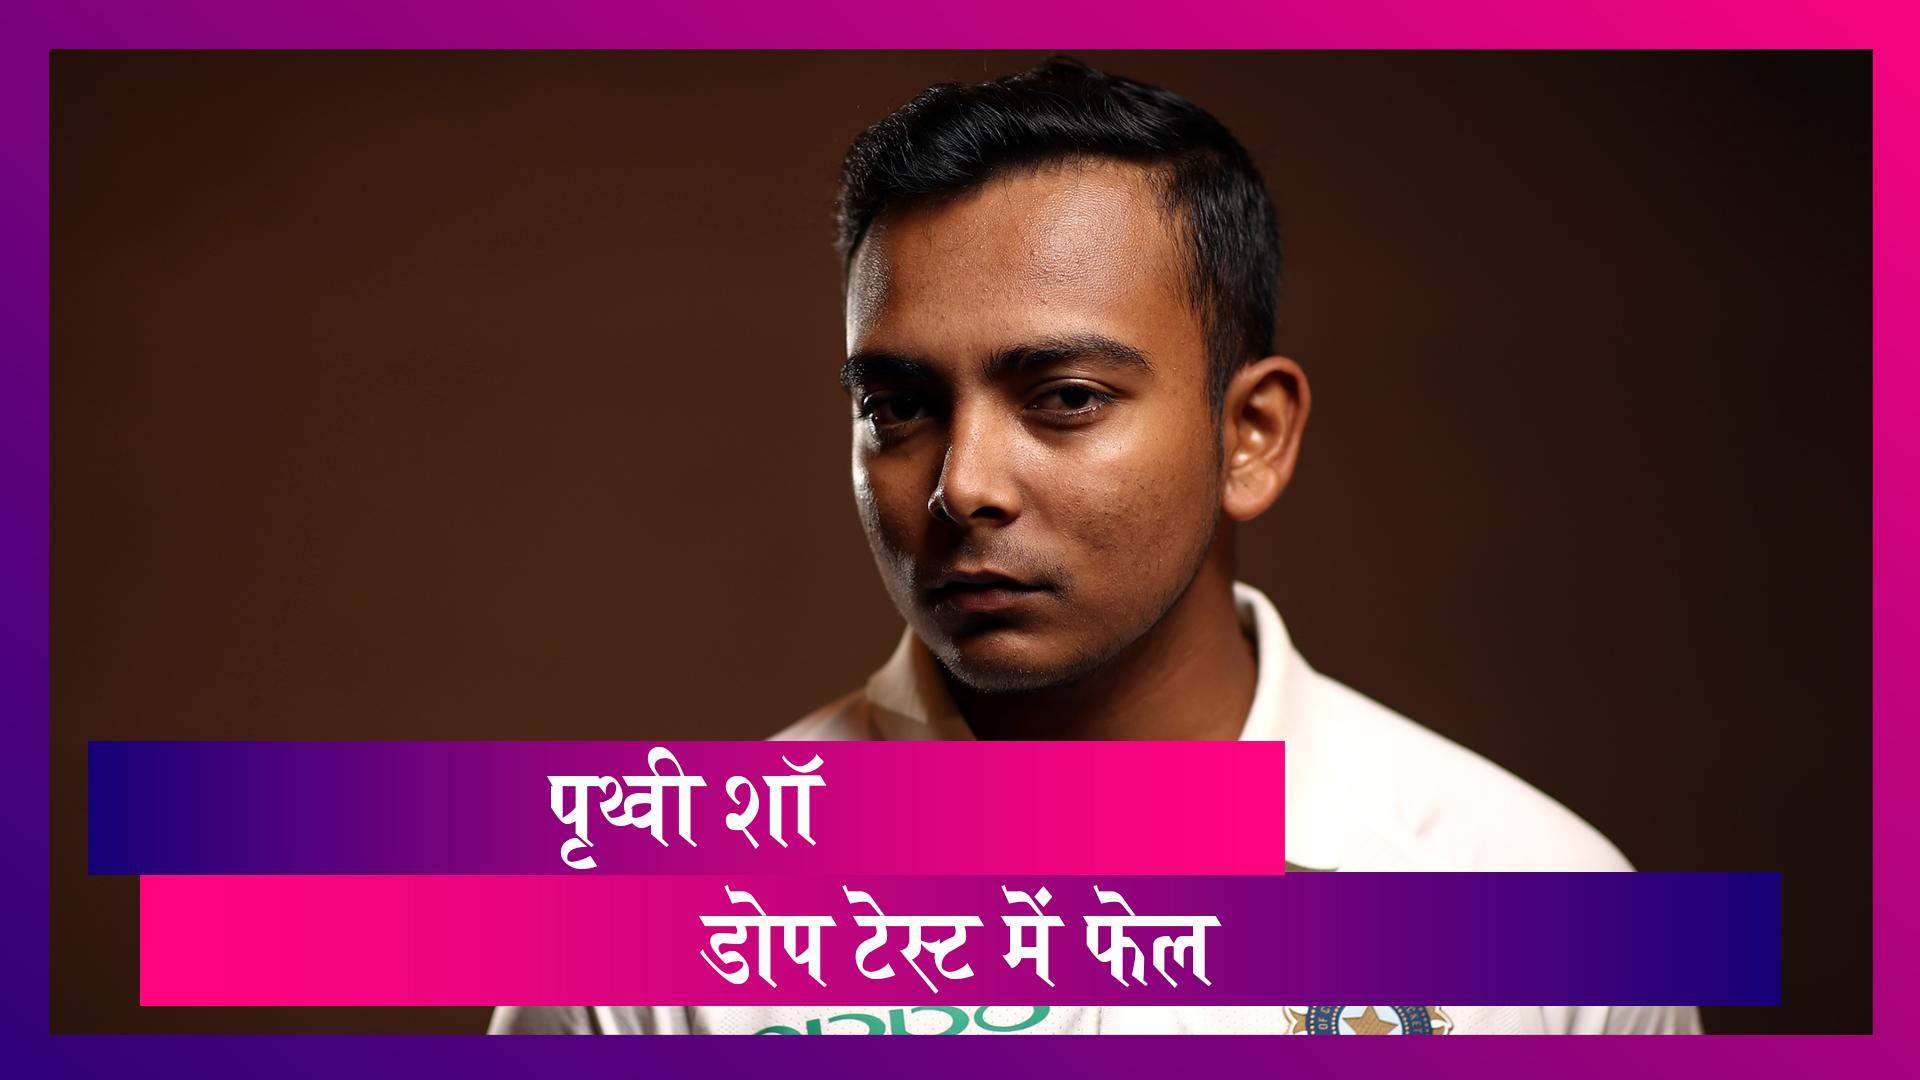 युवा भारतीय क्रिकेटर पृथ्वी शॉ डोप टेस्ट में फेल, BCCI ने किया निलंबित